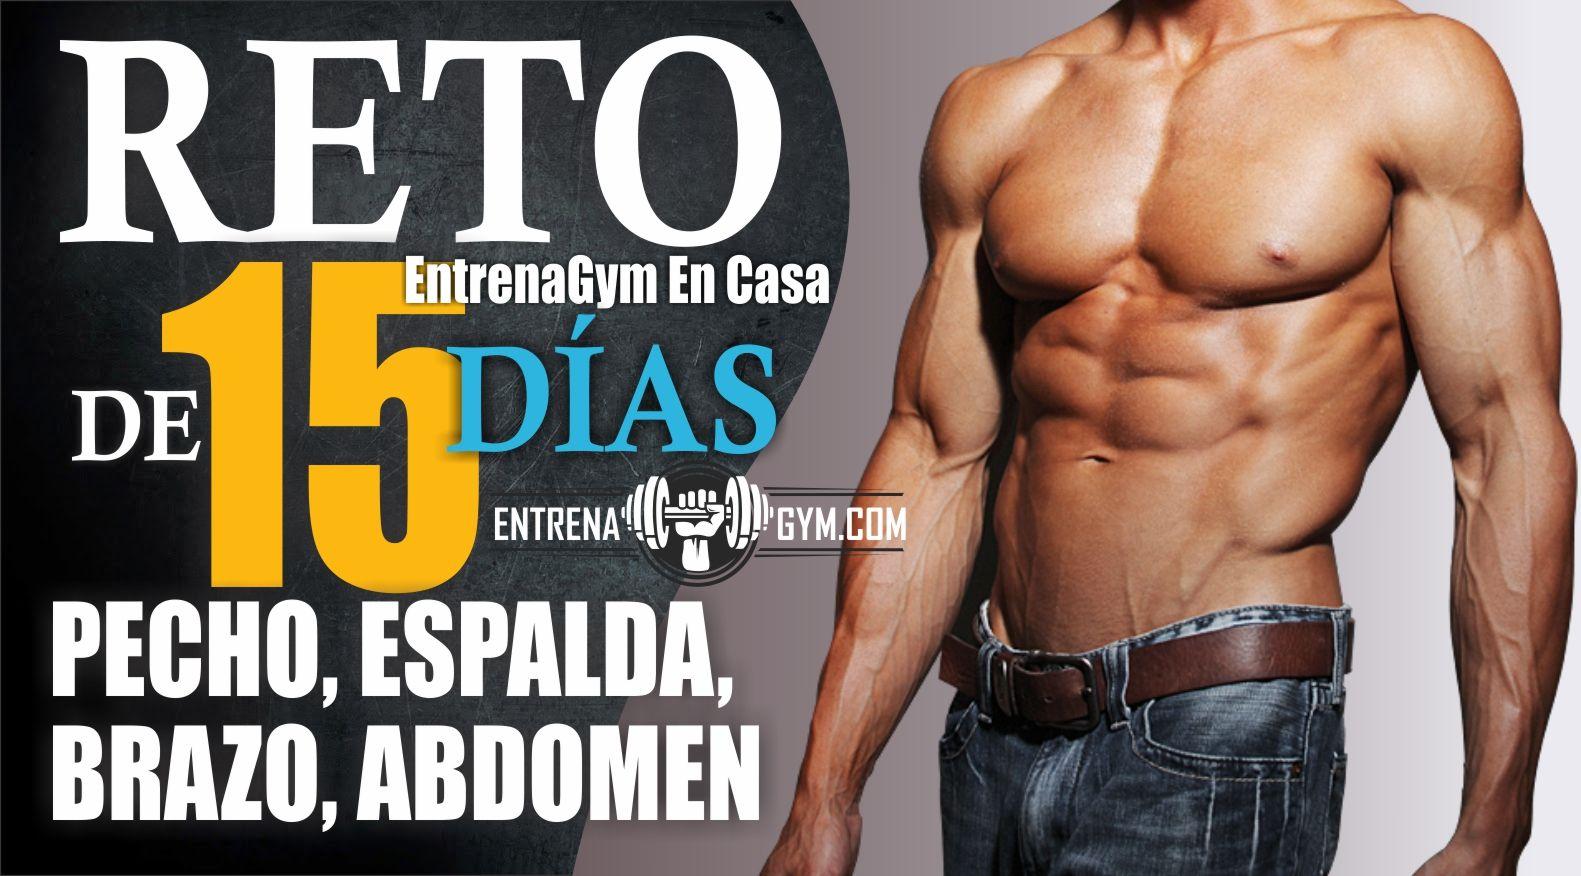 ejercicios en casa para abdomen y brazos